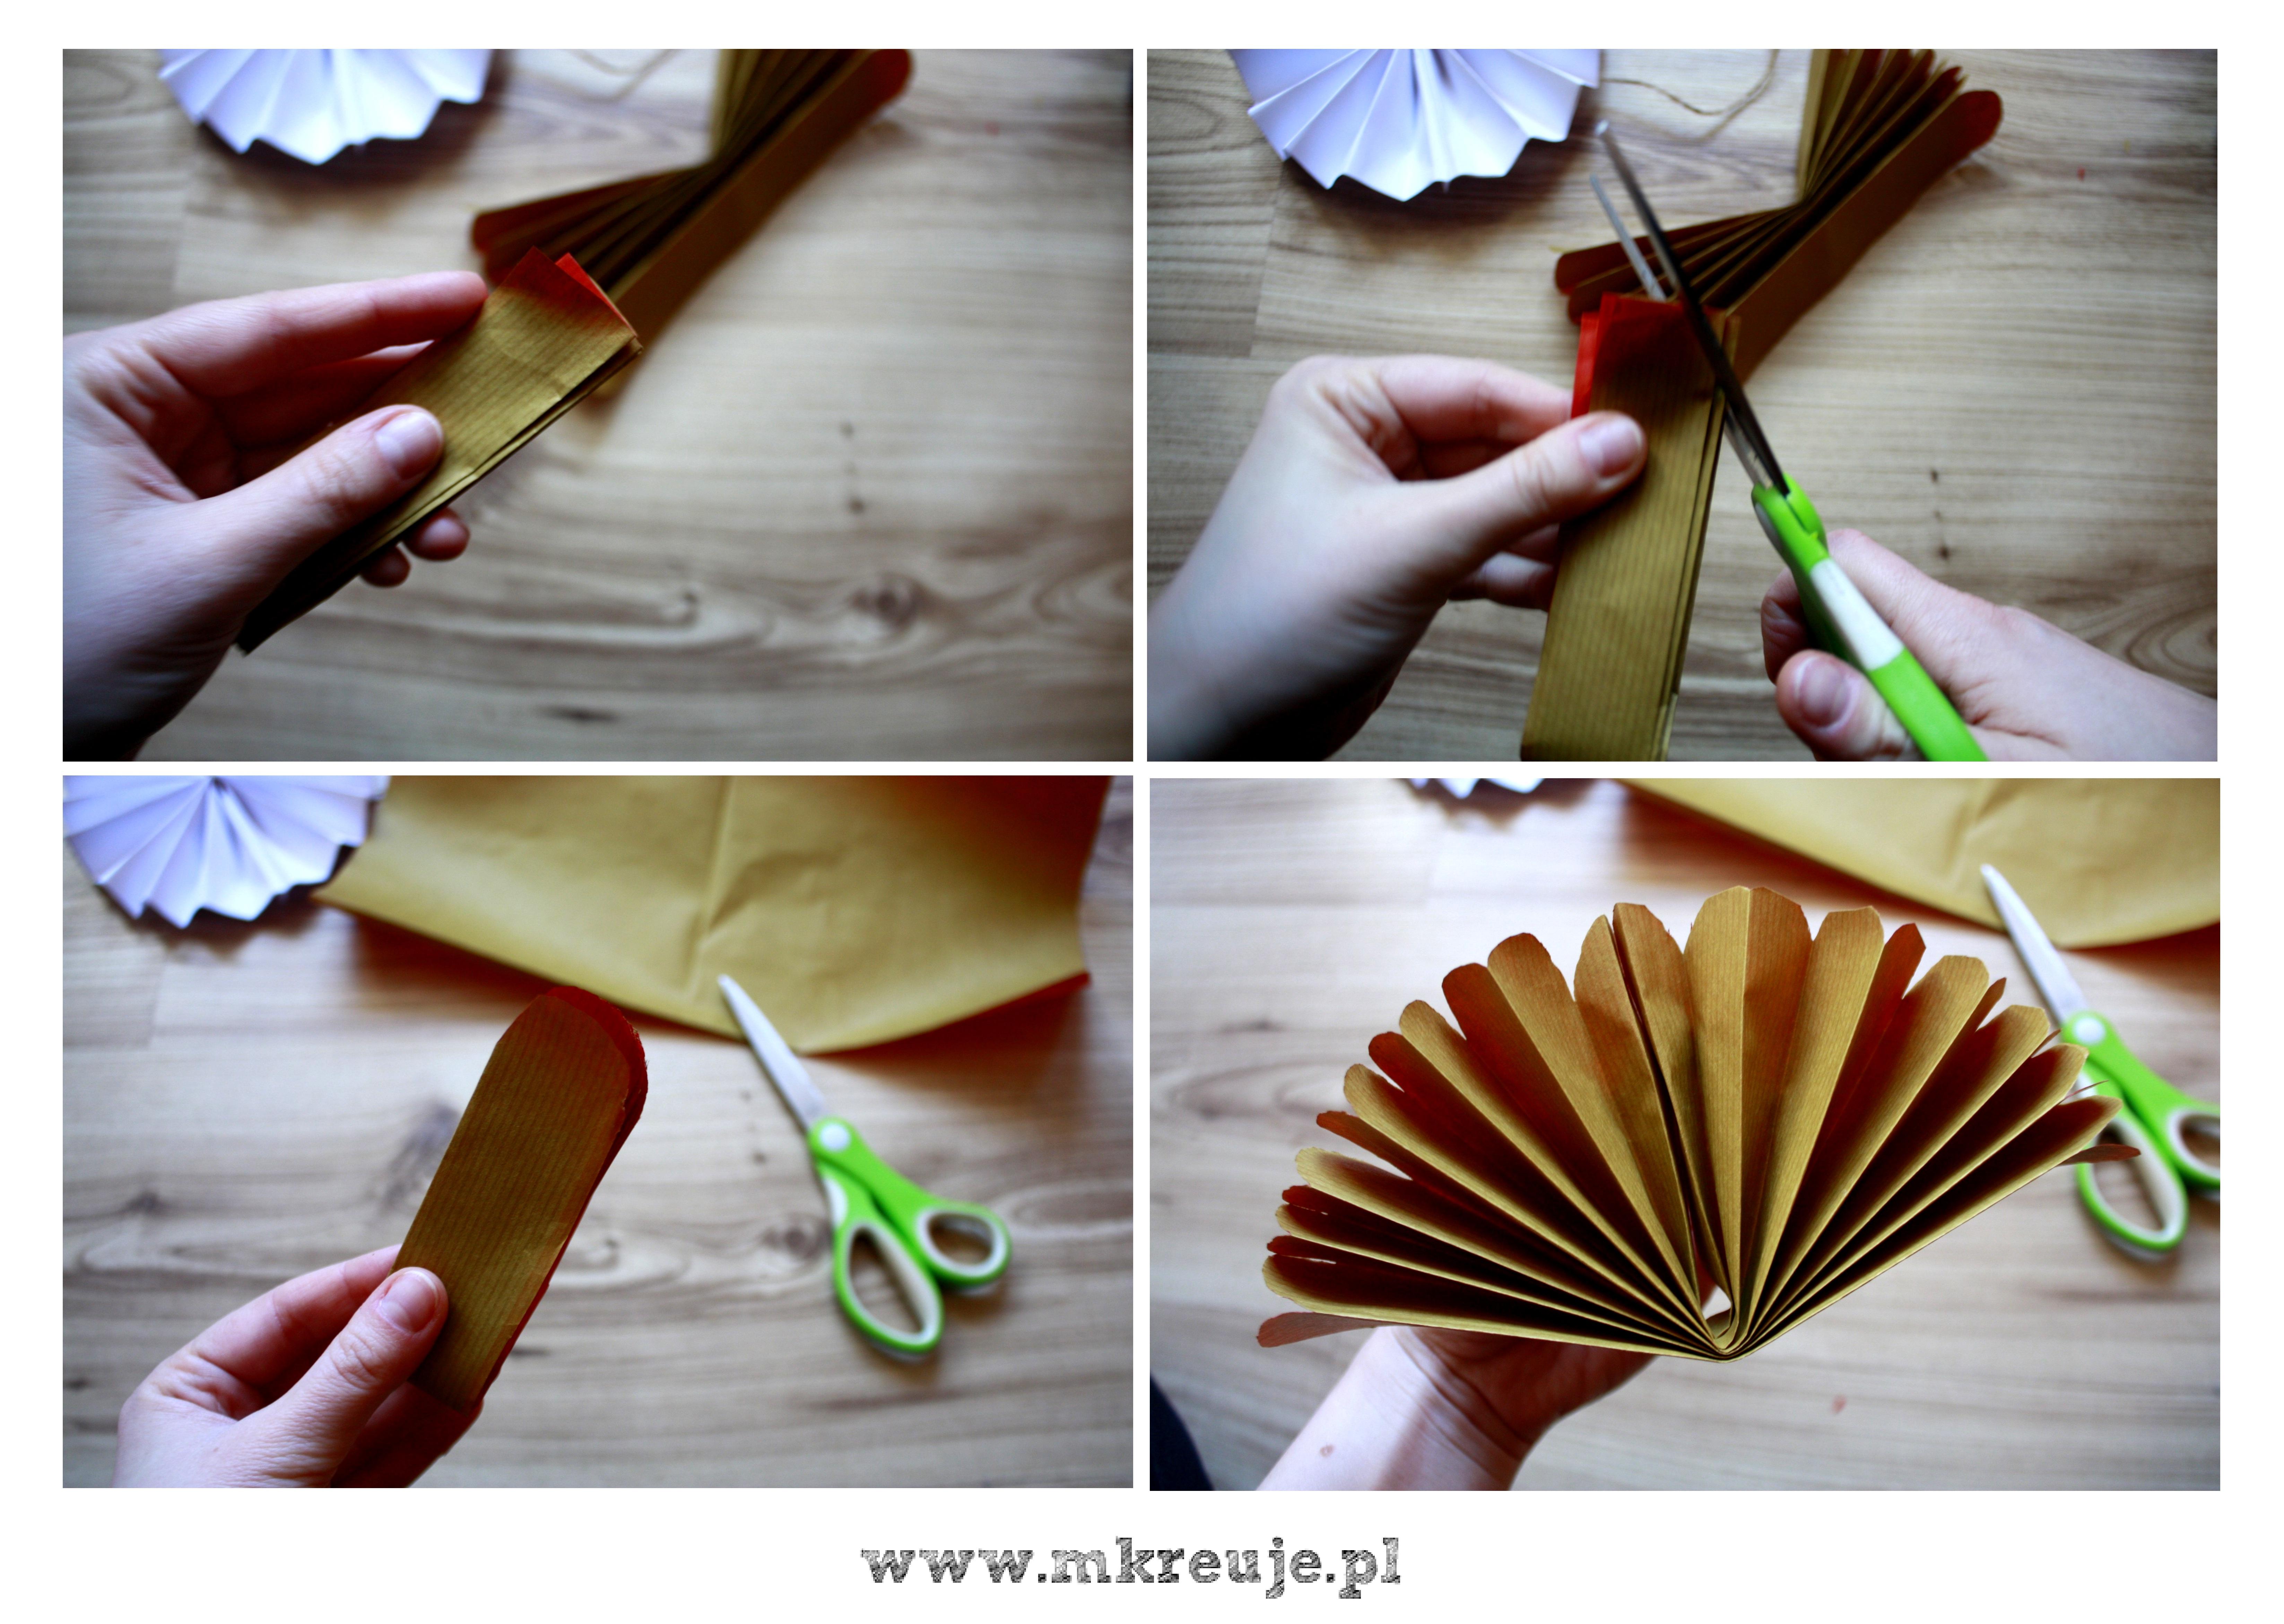 jak zrobić rozetę z okrągłymi końcami, dekoracja DIY